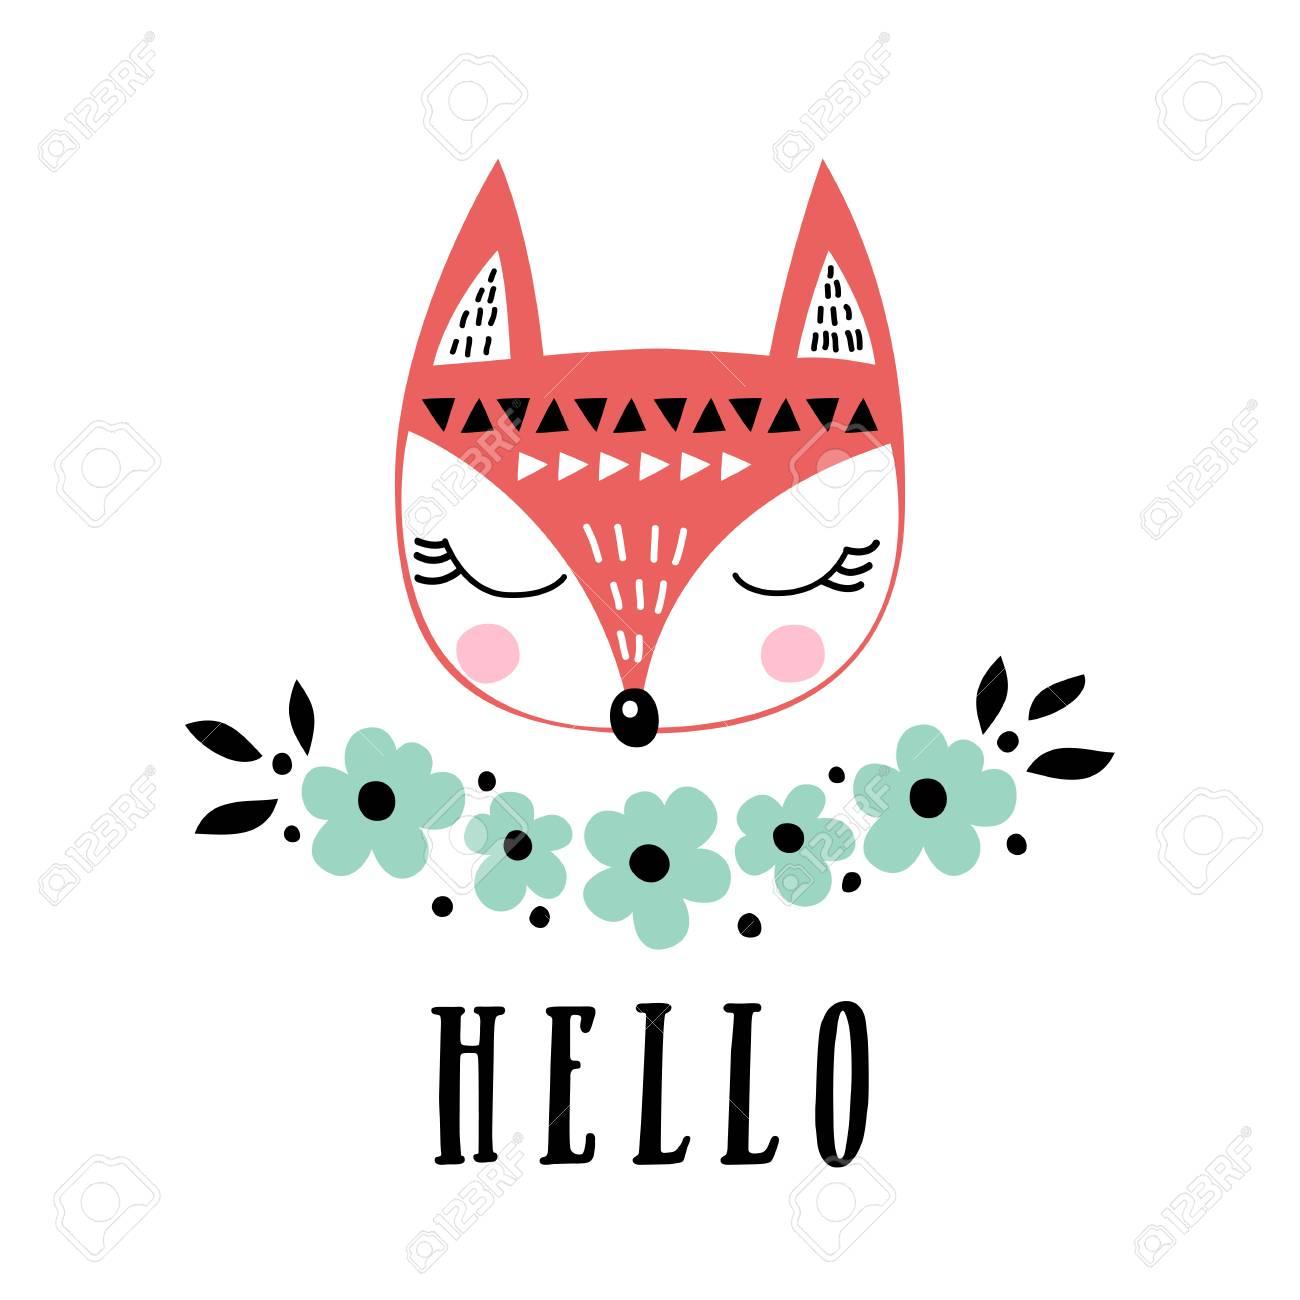 かわいいキツネとベクトルカード子供の版画挨拶ポスターtシャツパッケージング招待のためのイラストかわいい動物デザインの要素こんにちはテキスト付きのポストカード面白い漫画の動物